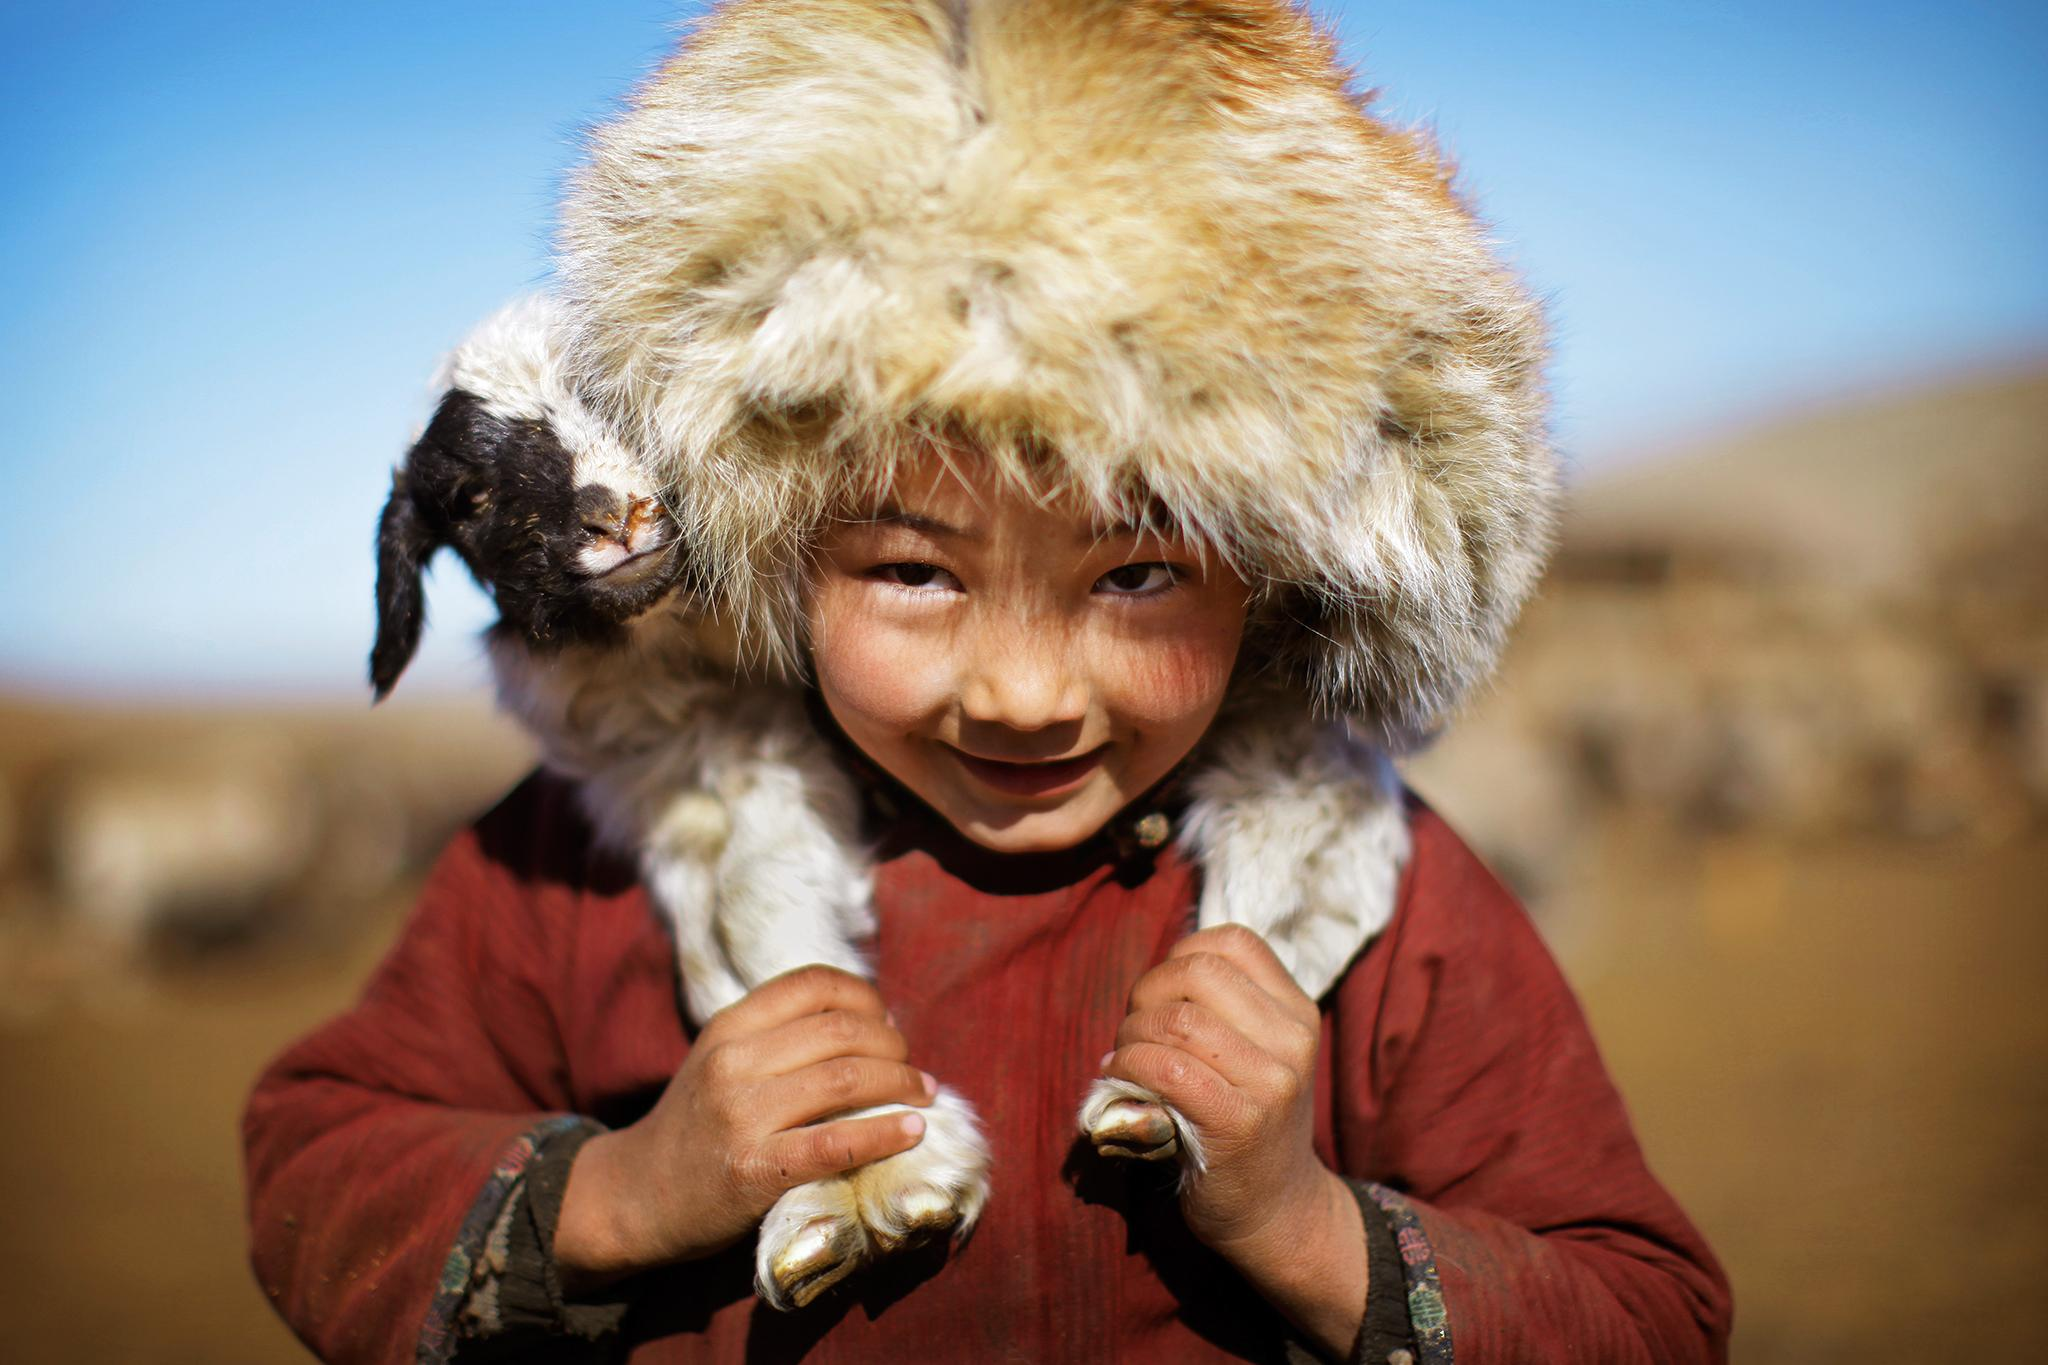 Монгол малчдын үндсэн хоол мах. Махаа саримстай шөлөнд чанаж иддэг.